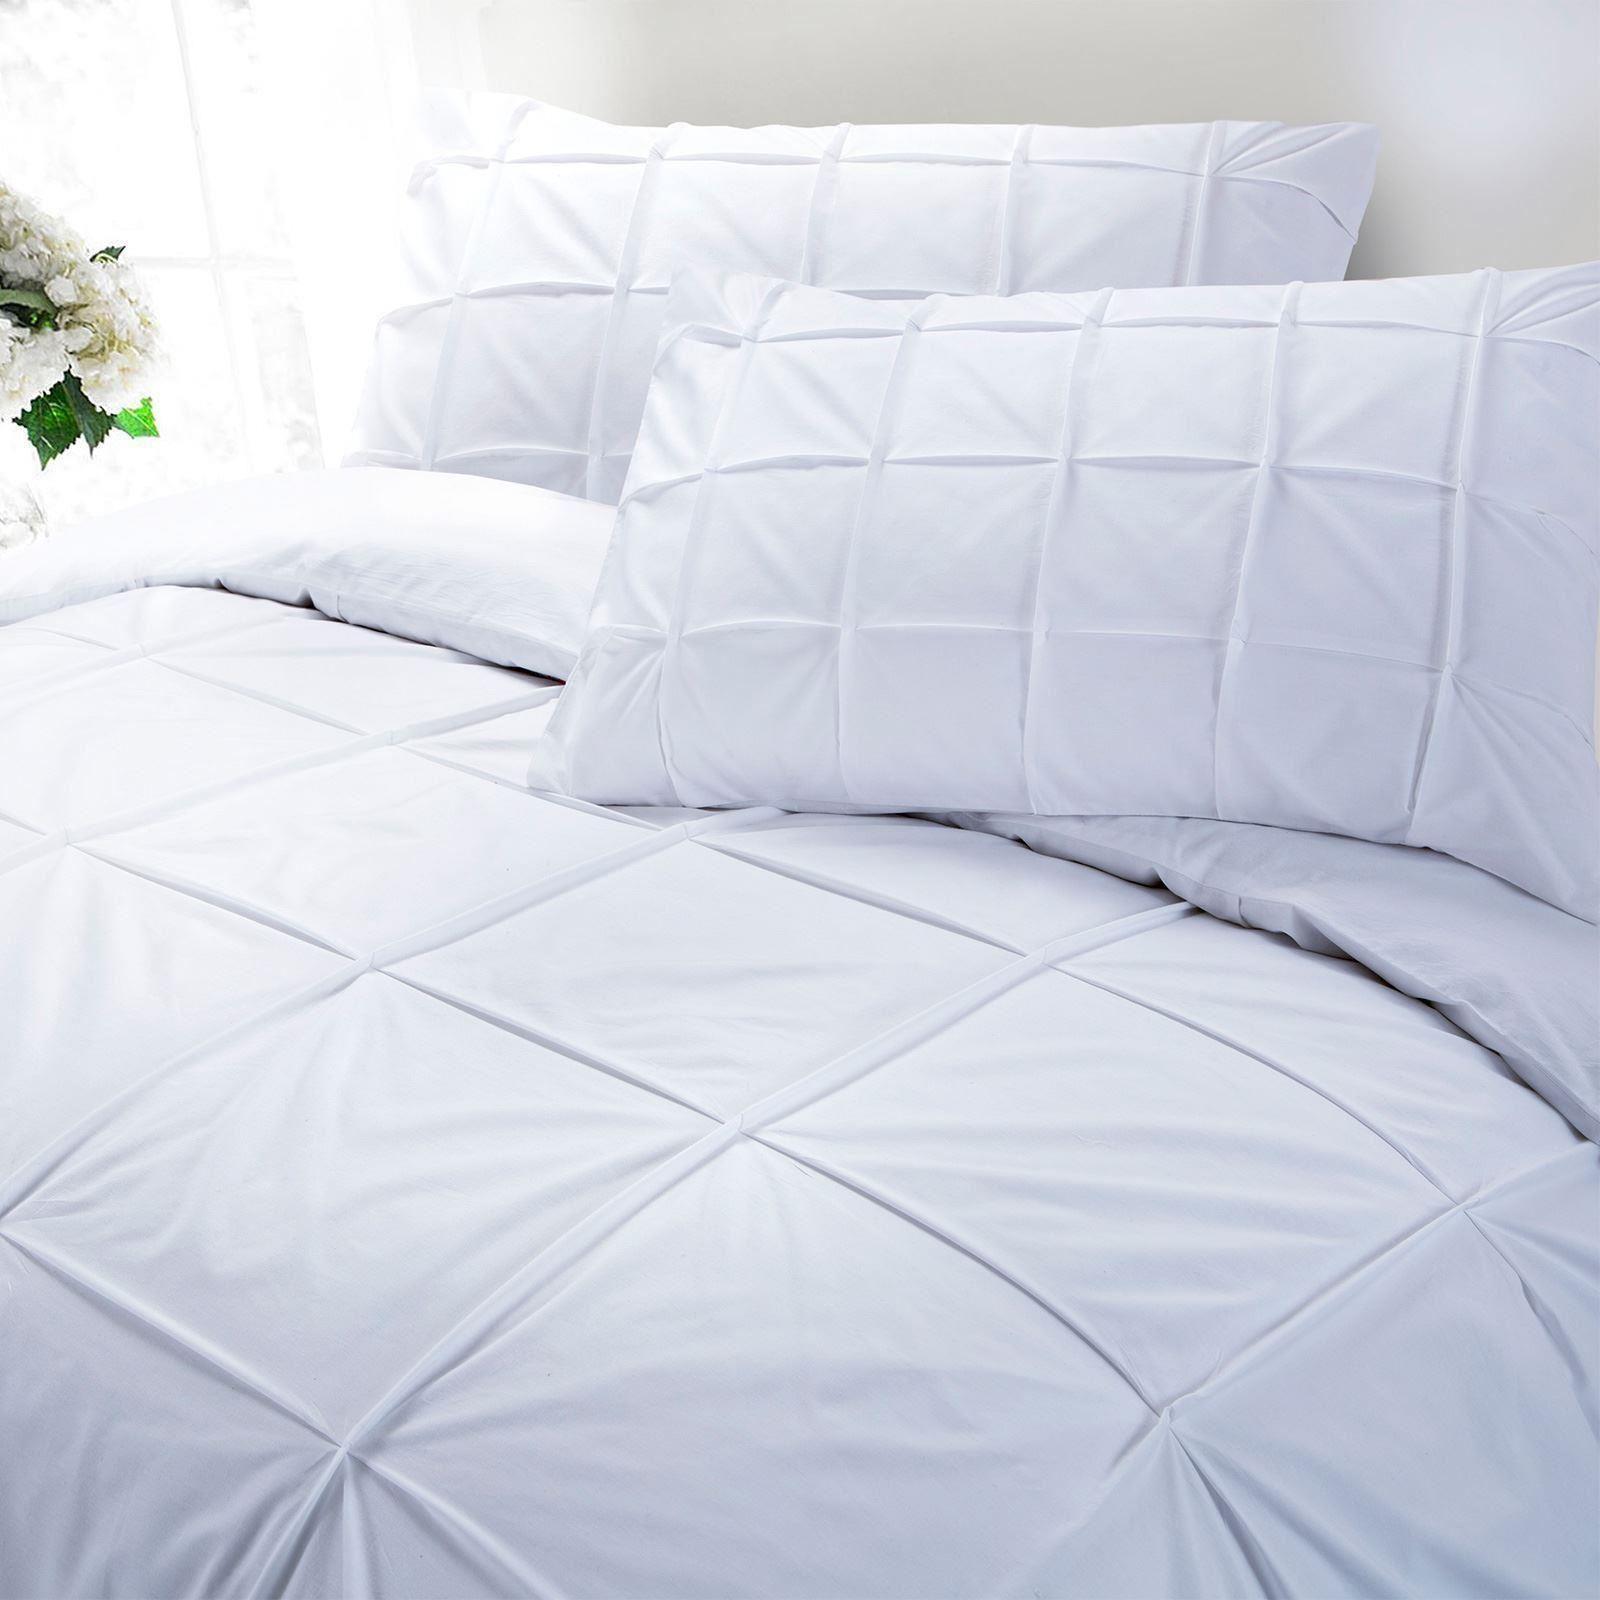 100-Coton-Egyptien-de-couette-couette-Set-Simple-Double-King-Size-Bed-sheets miniature 17